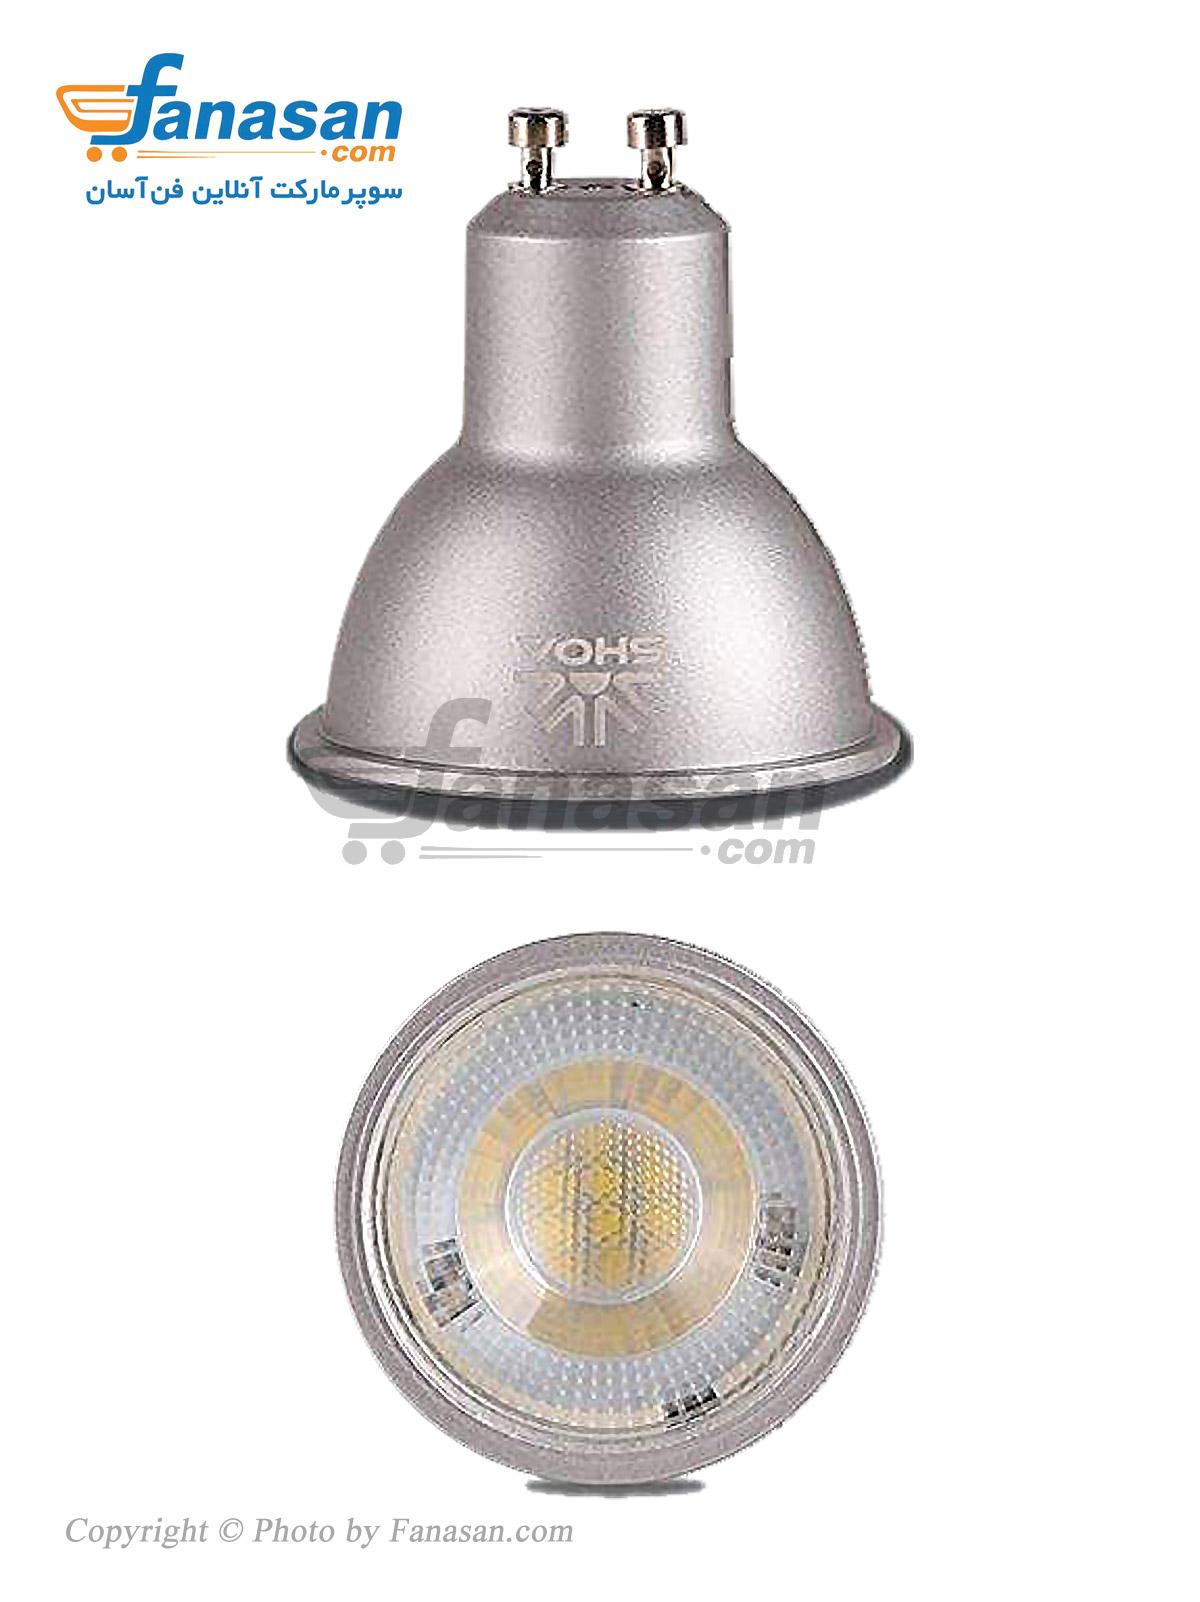 لامپ هالوژن آفتابی شعاع پایه GU10 اس ام دی 35 درجه 7 وات